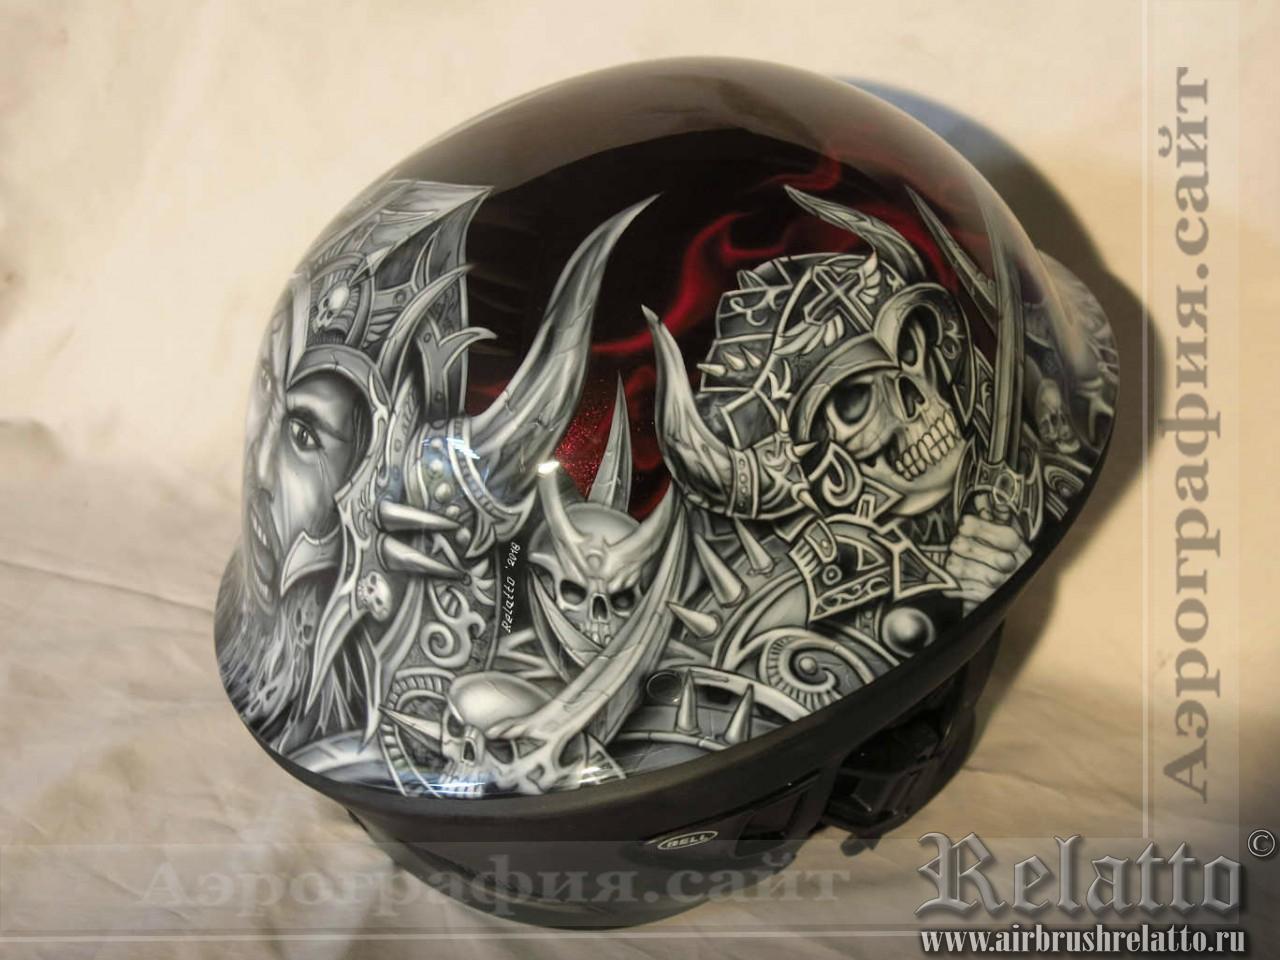 роспись шлема Bell Rogue в Белгороде